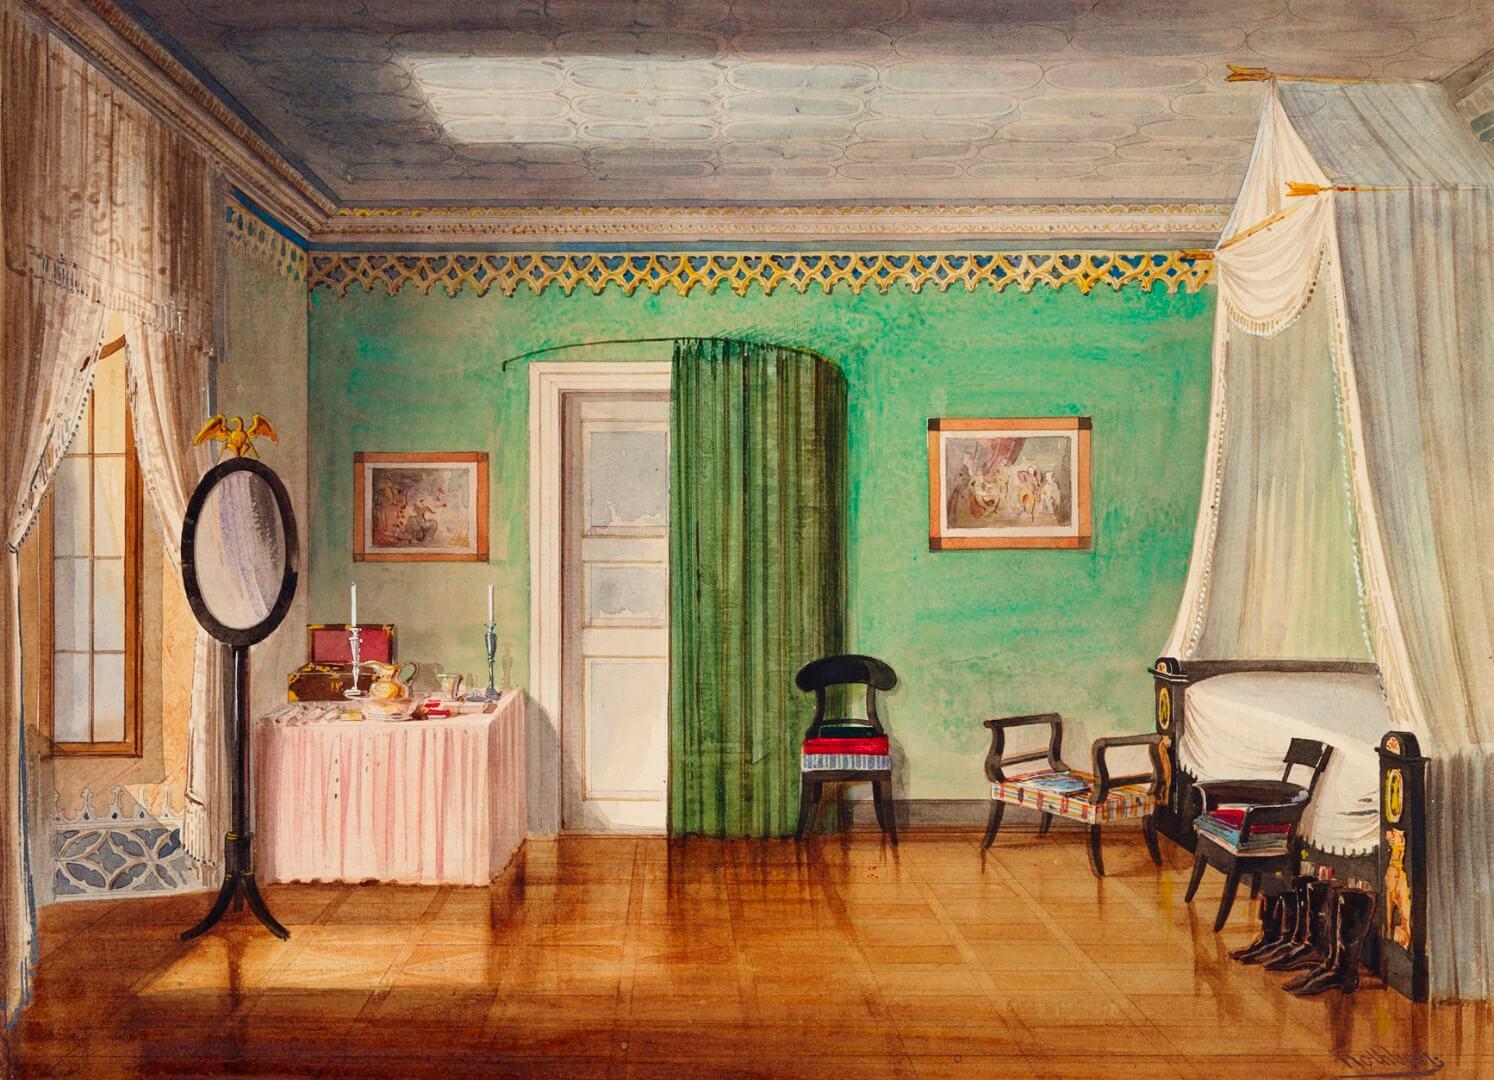 רותבארד, חדר השינה של הנסיך ארנסט 1, 1845